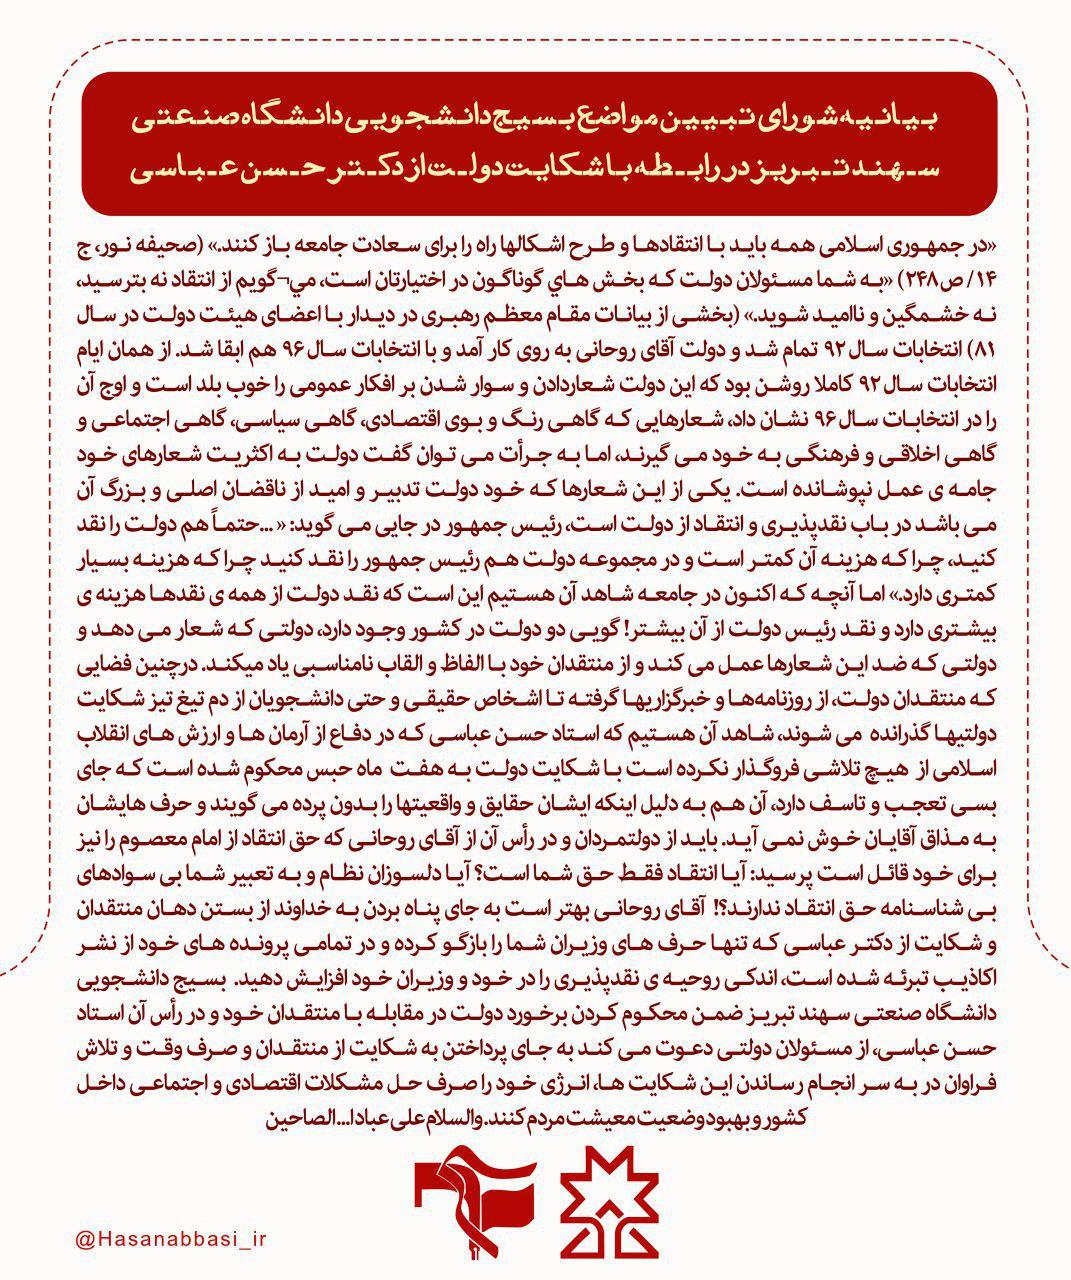 بیانیه شورای تبیین مواضع بسیج دانشجویی دانشگاه صنعتی سهند تبریز